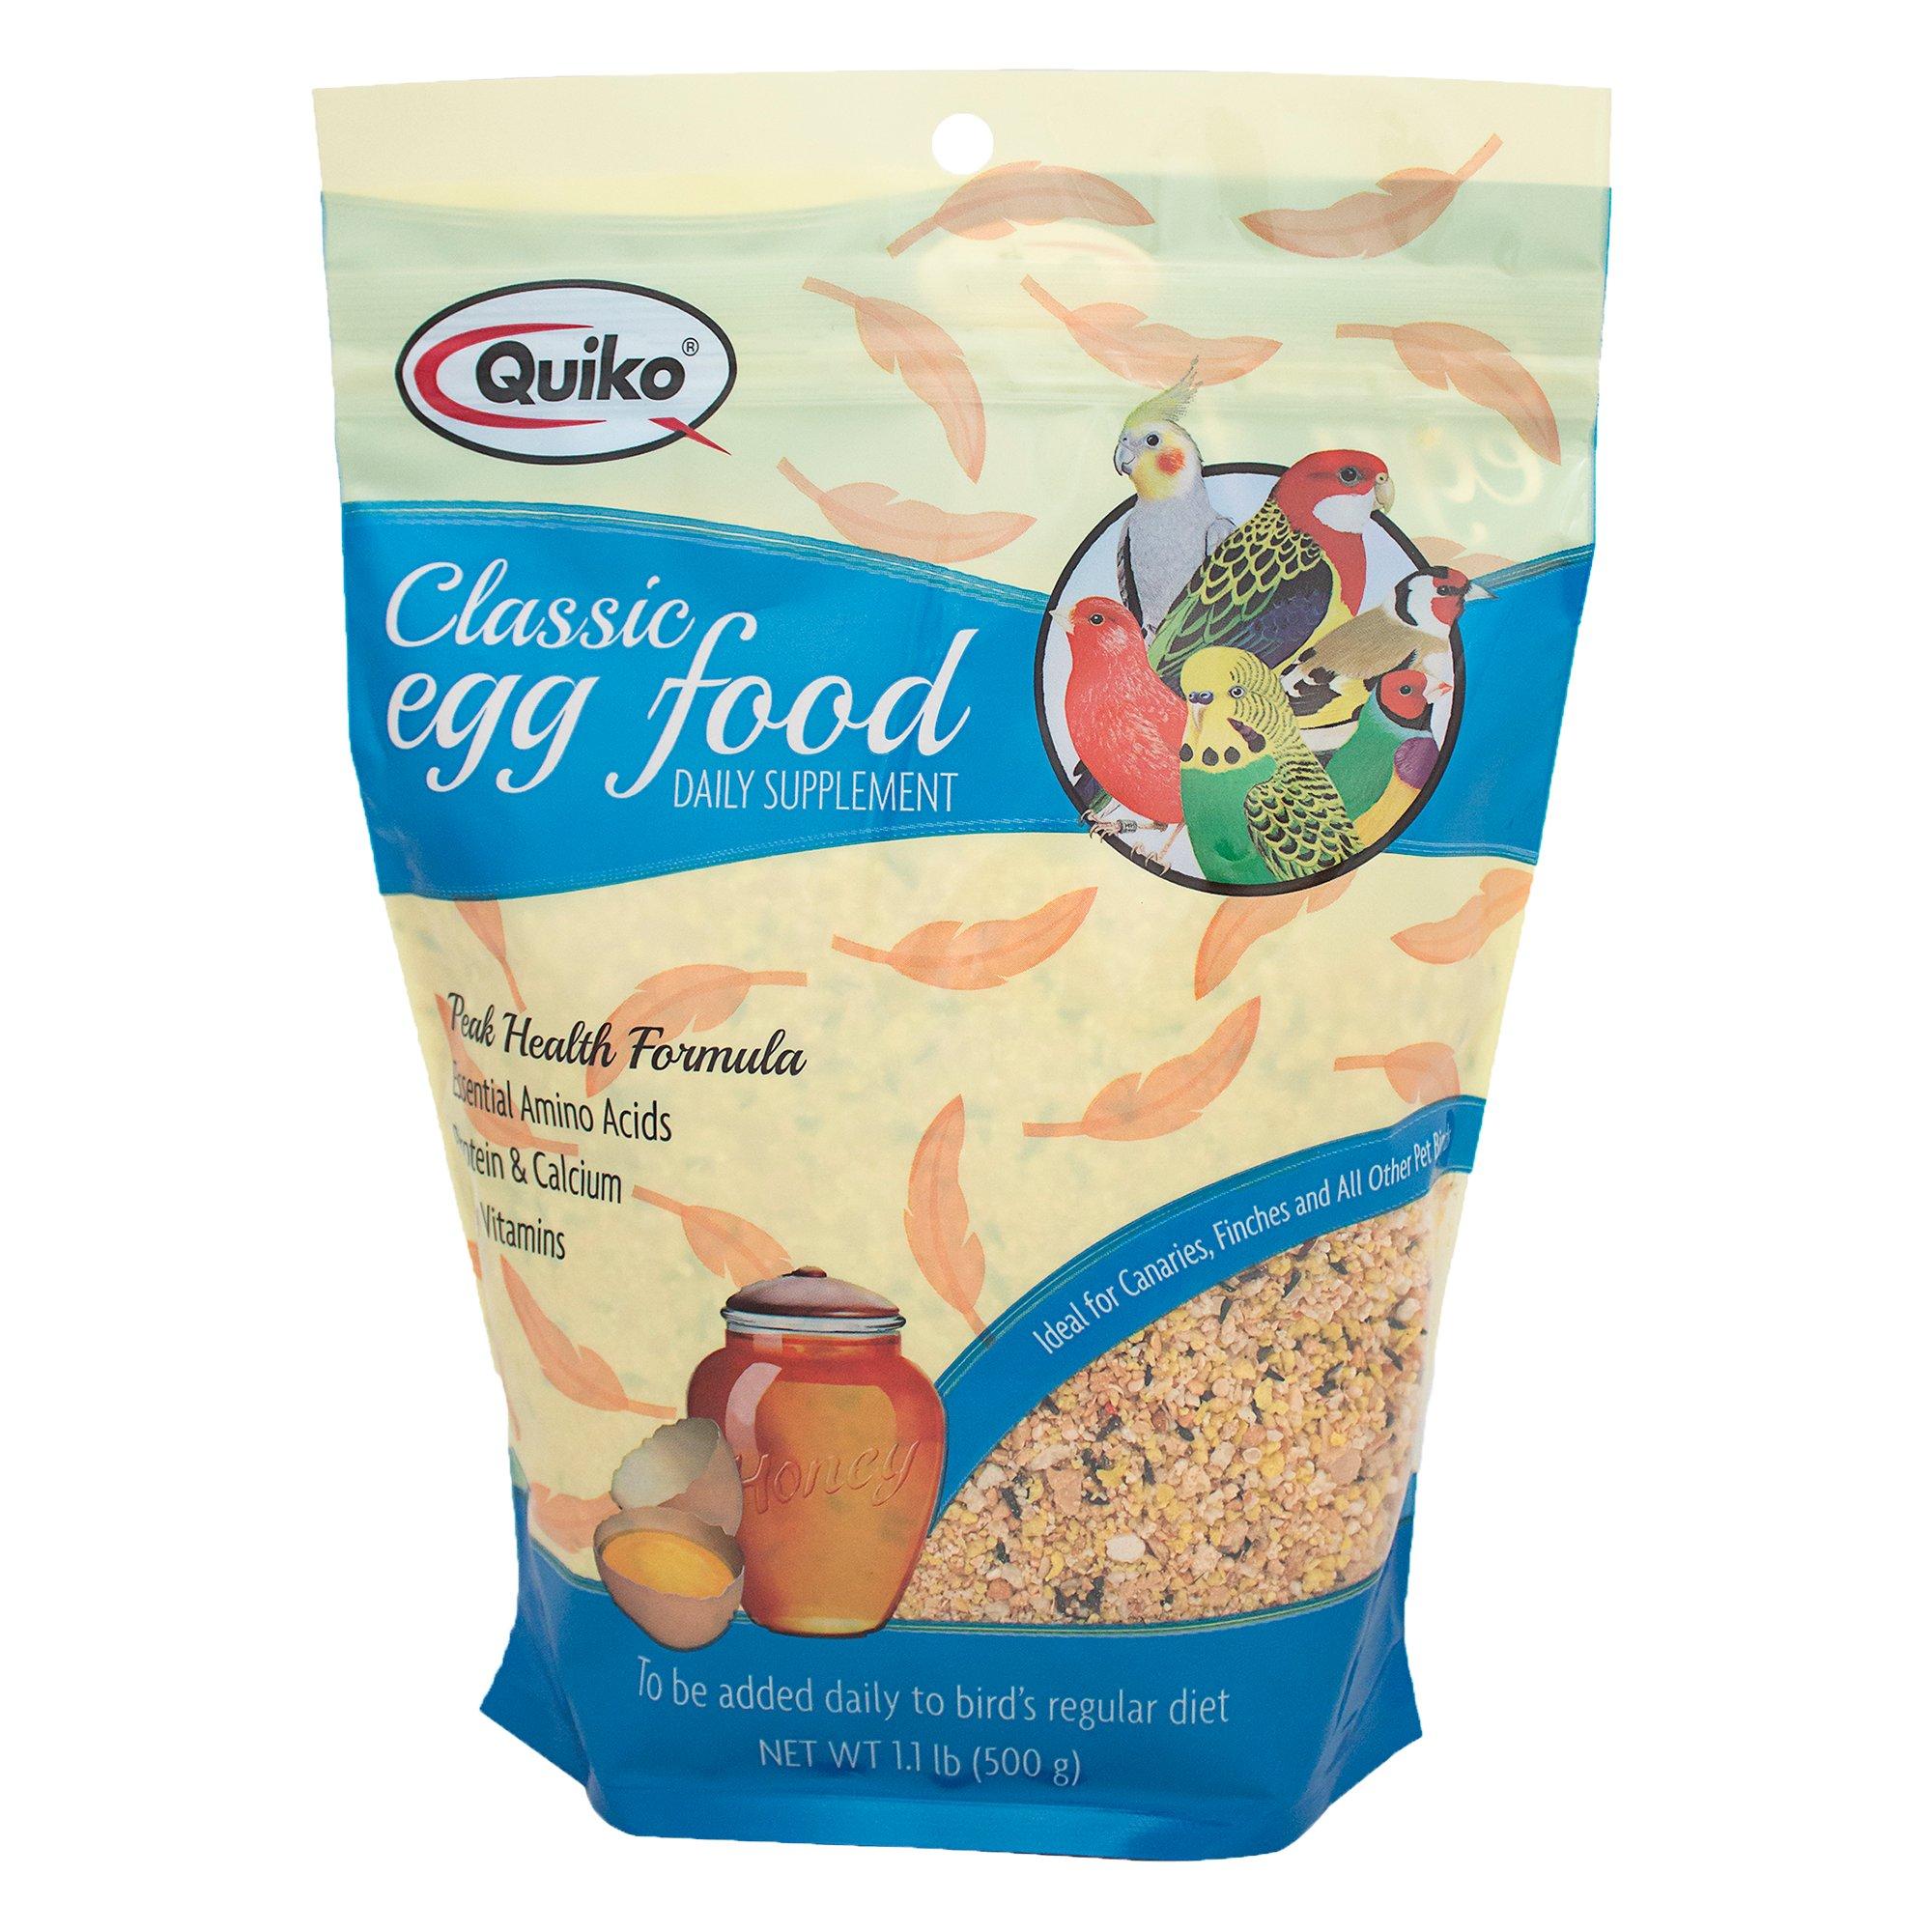 Quiko Classic Egg Bird Food Supplement